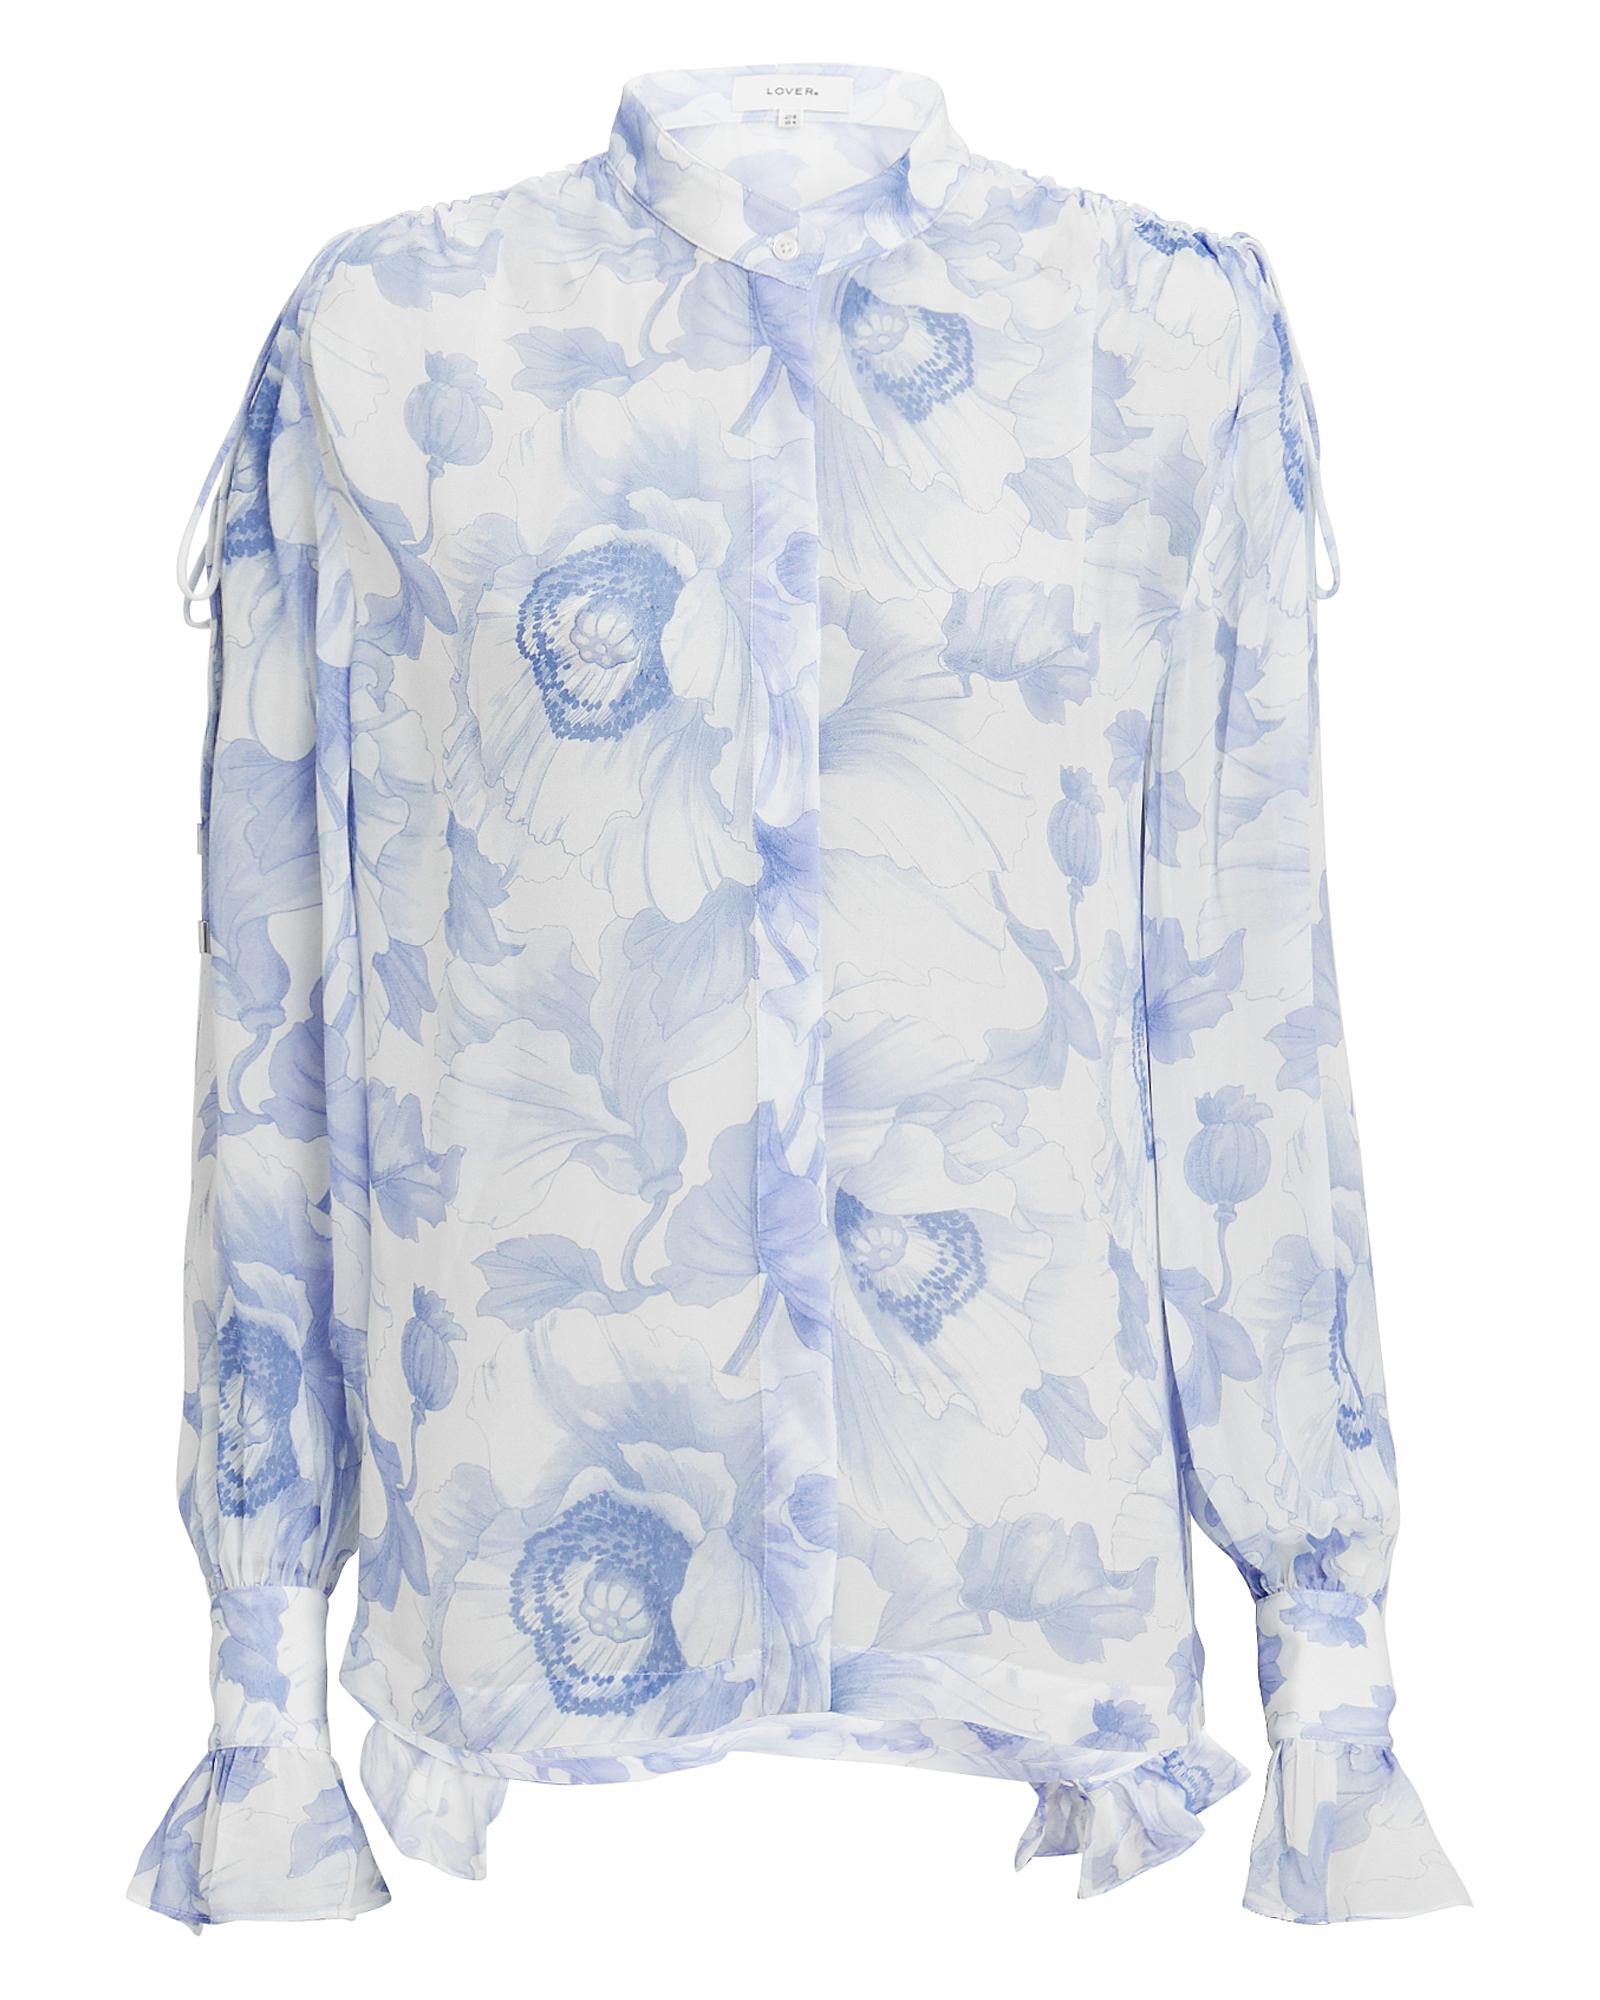 LOVER Fleur Blouse Blue/Floral